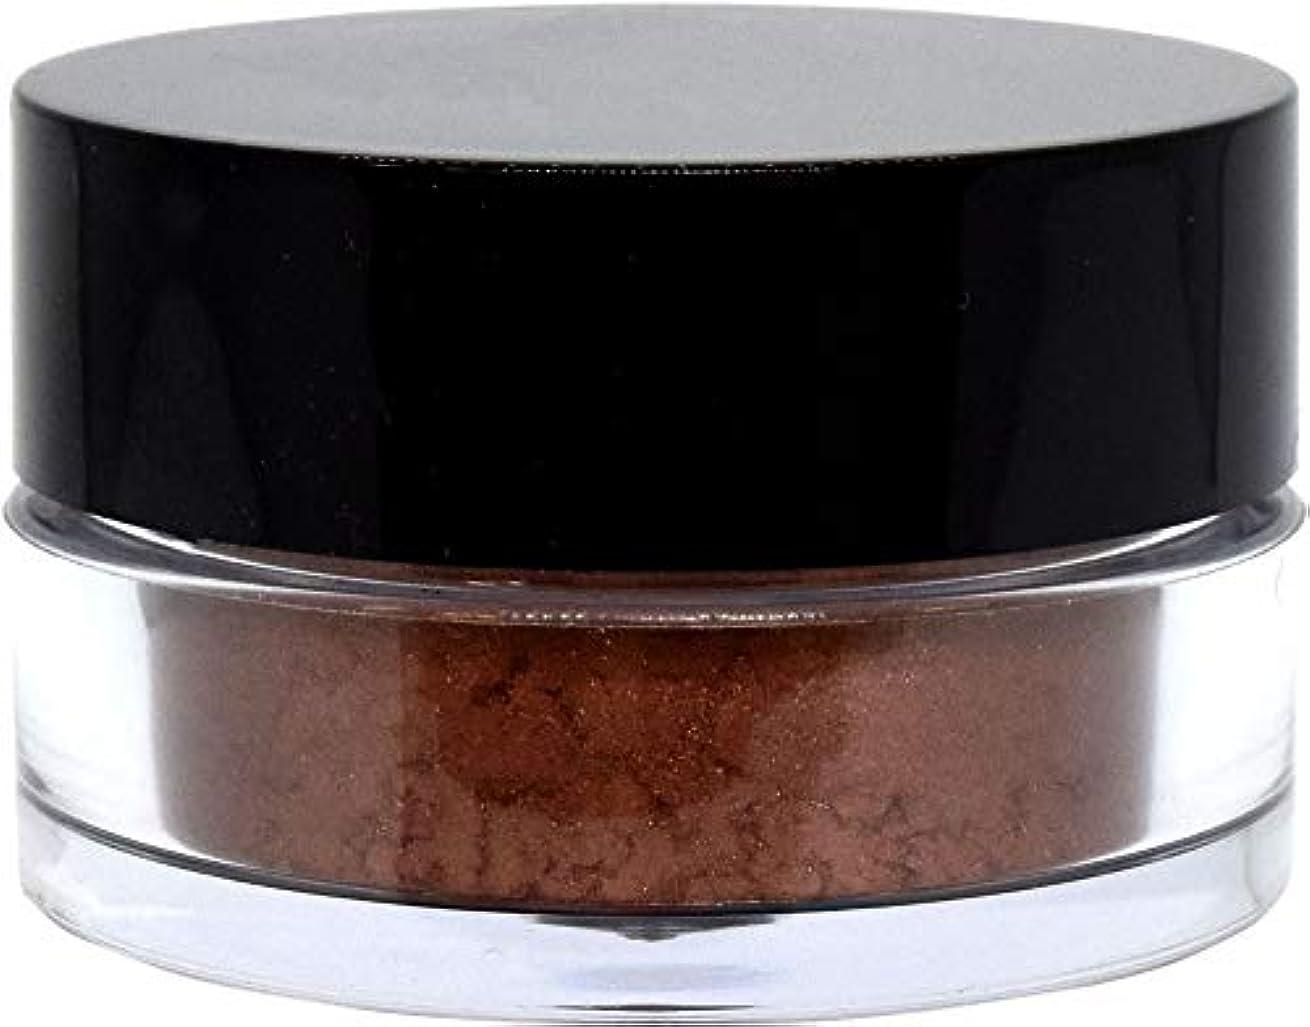 毒液暴力的な復活三善 プチカラー 高発色 アイシャドウ パール col:27 ブロンズレッド系(B)